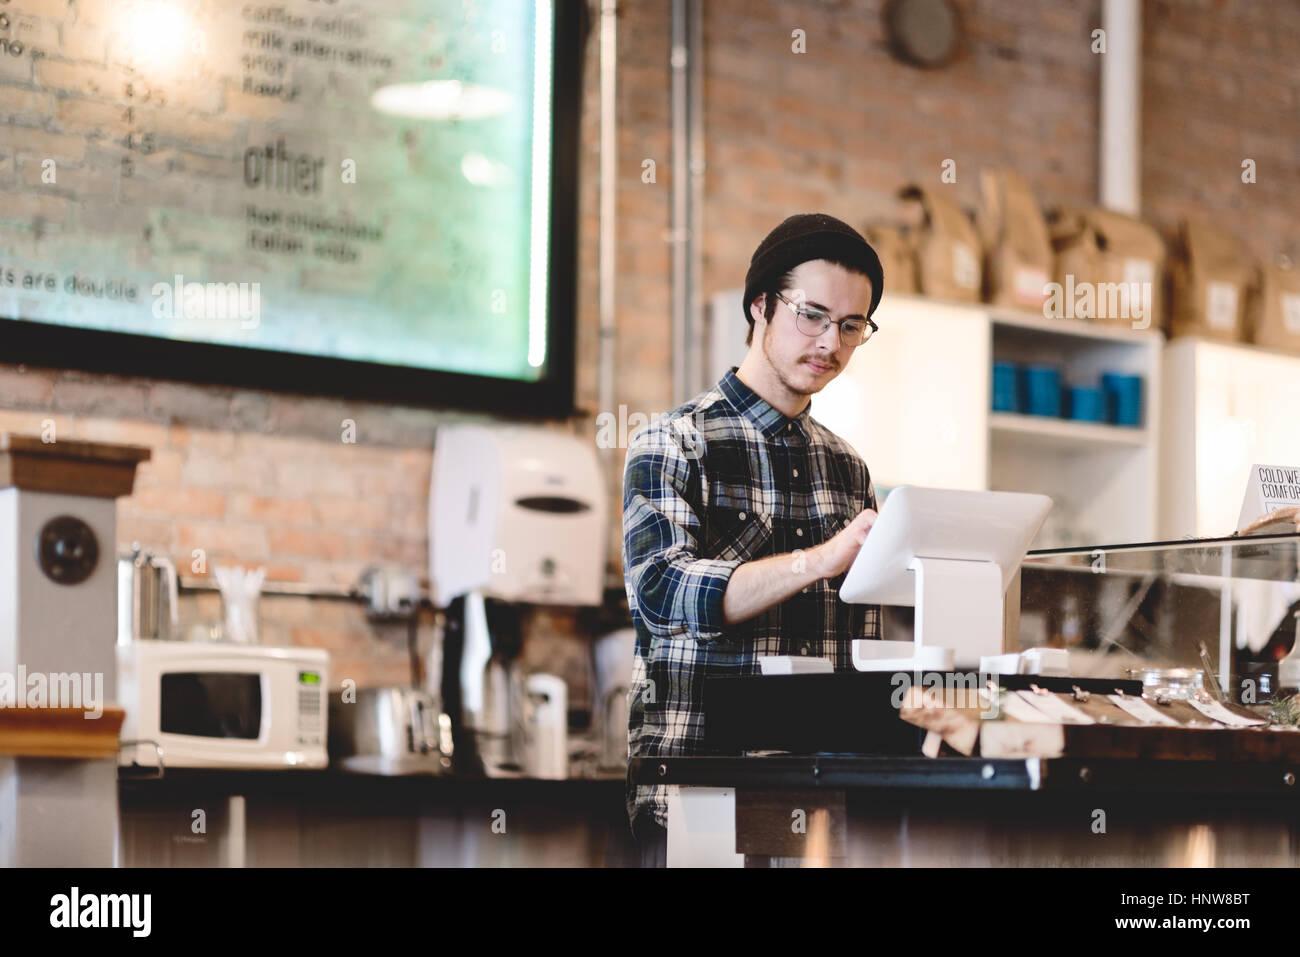 Cashier Using Cash Register In Cafe